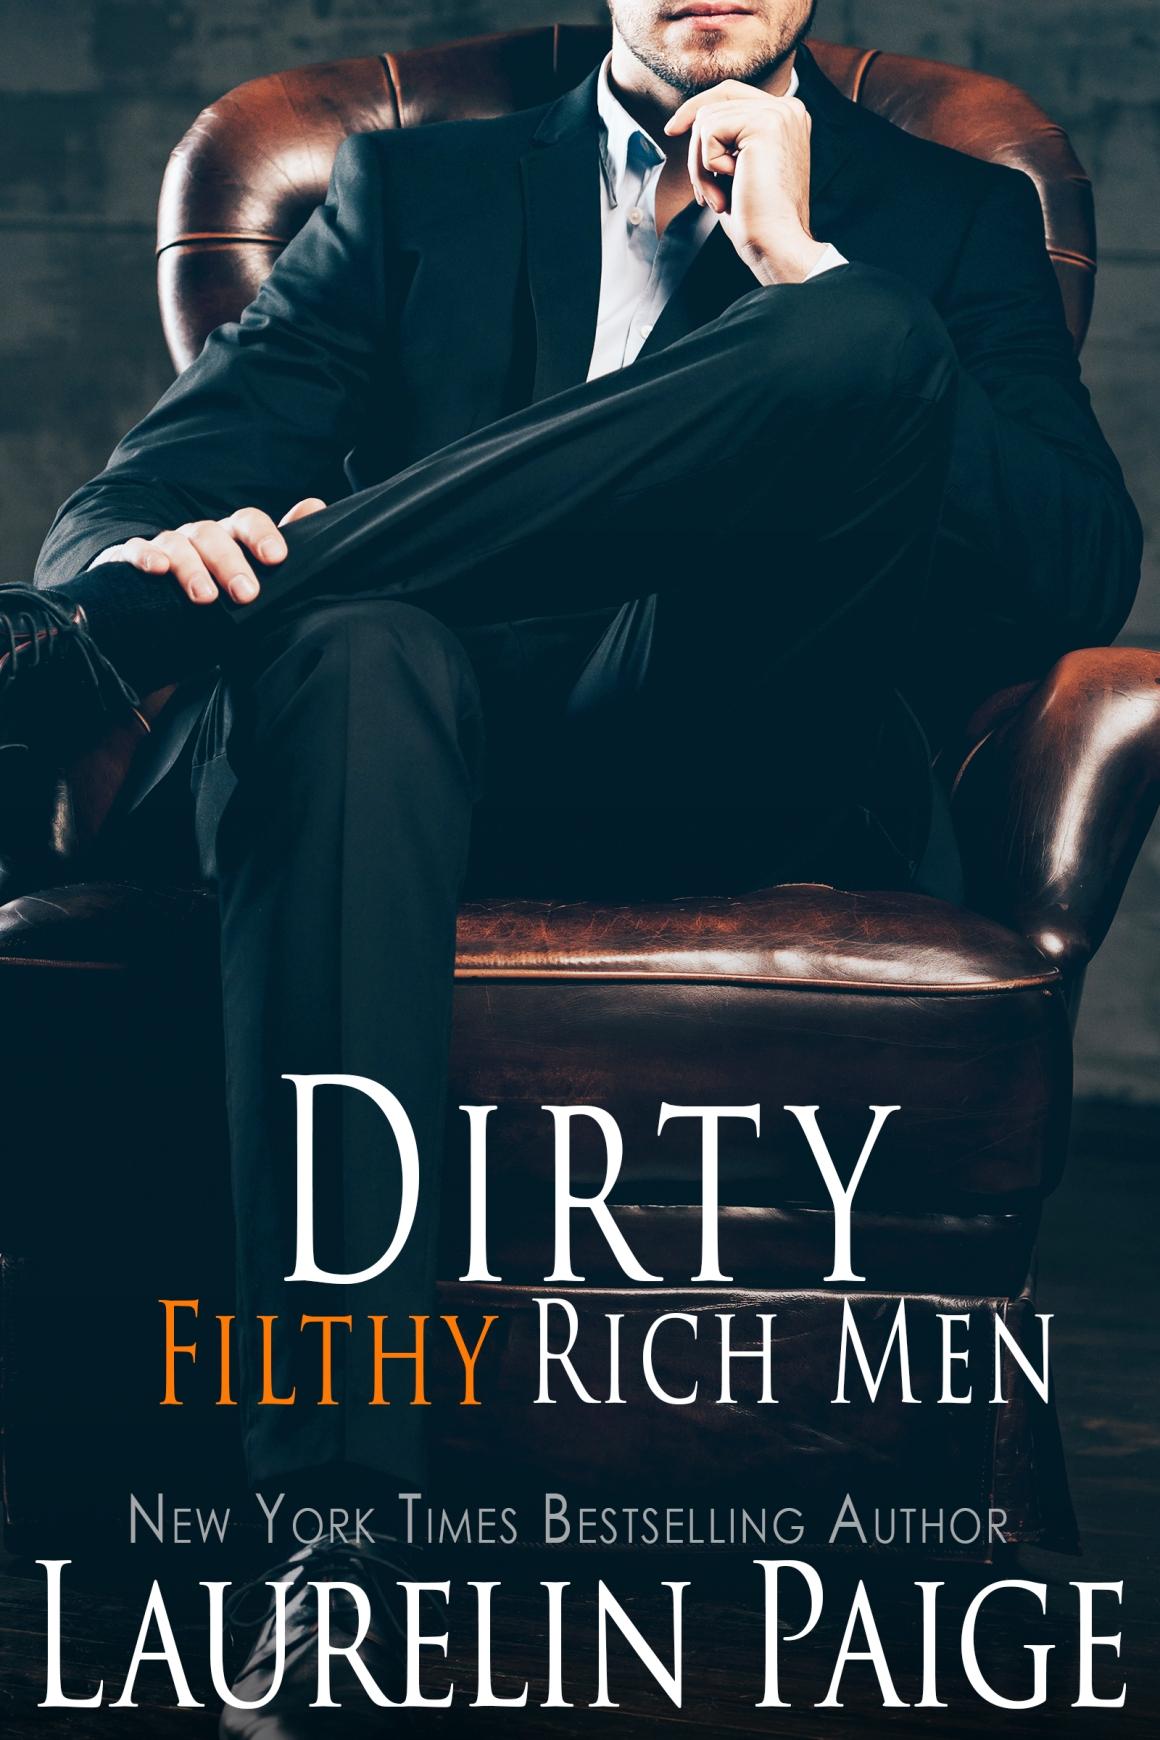 dirtyfilthyfinal